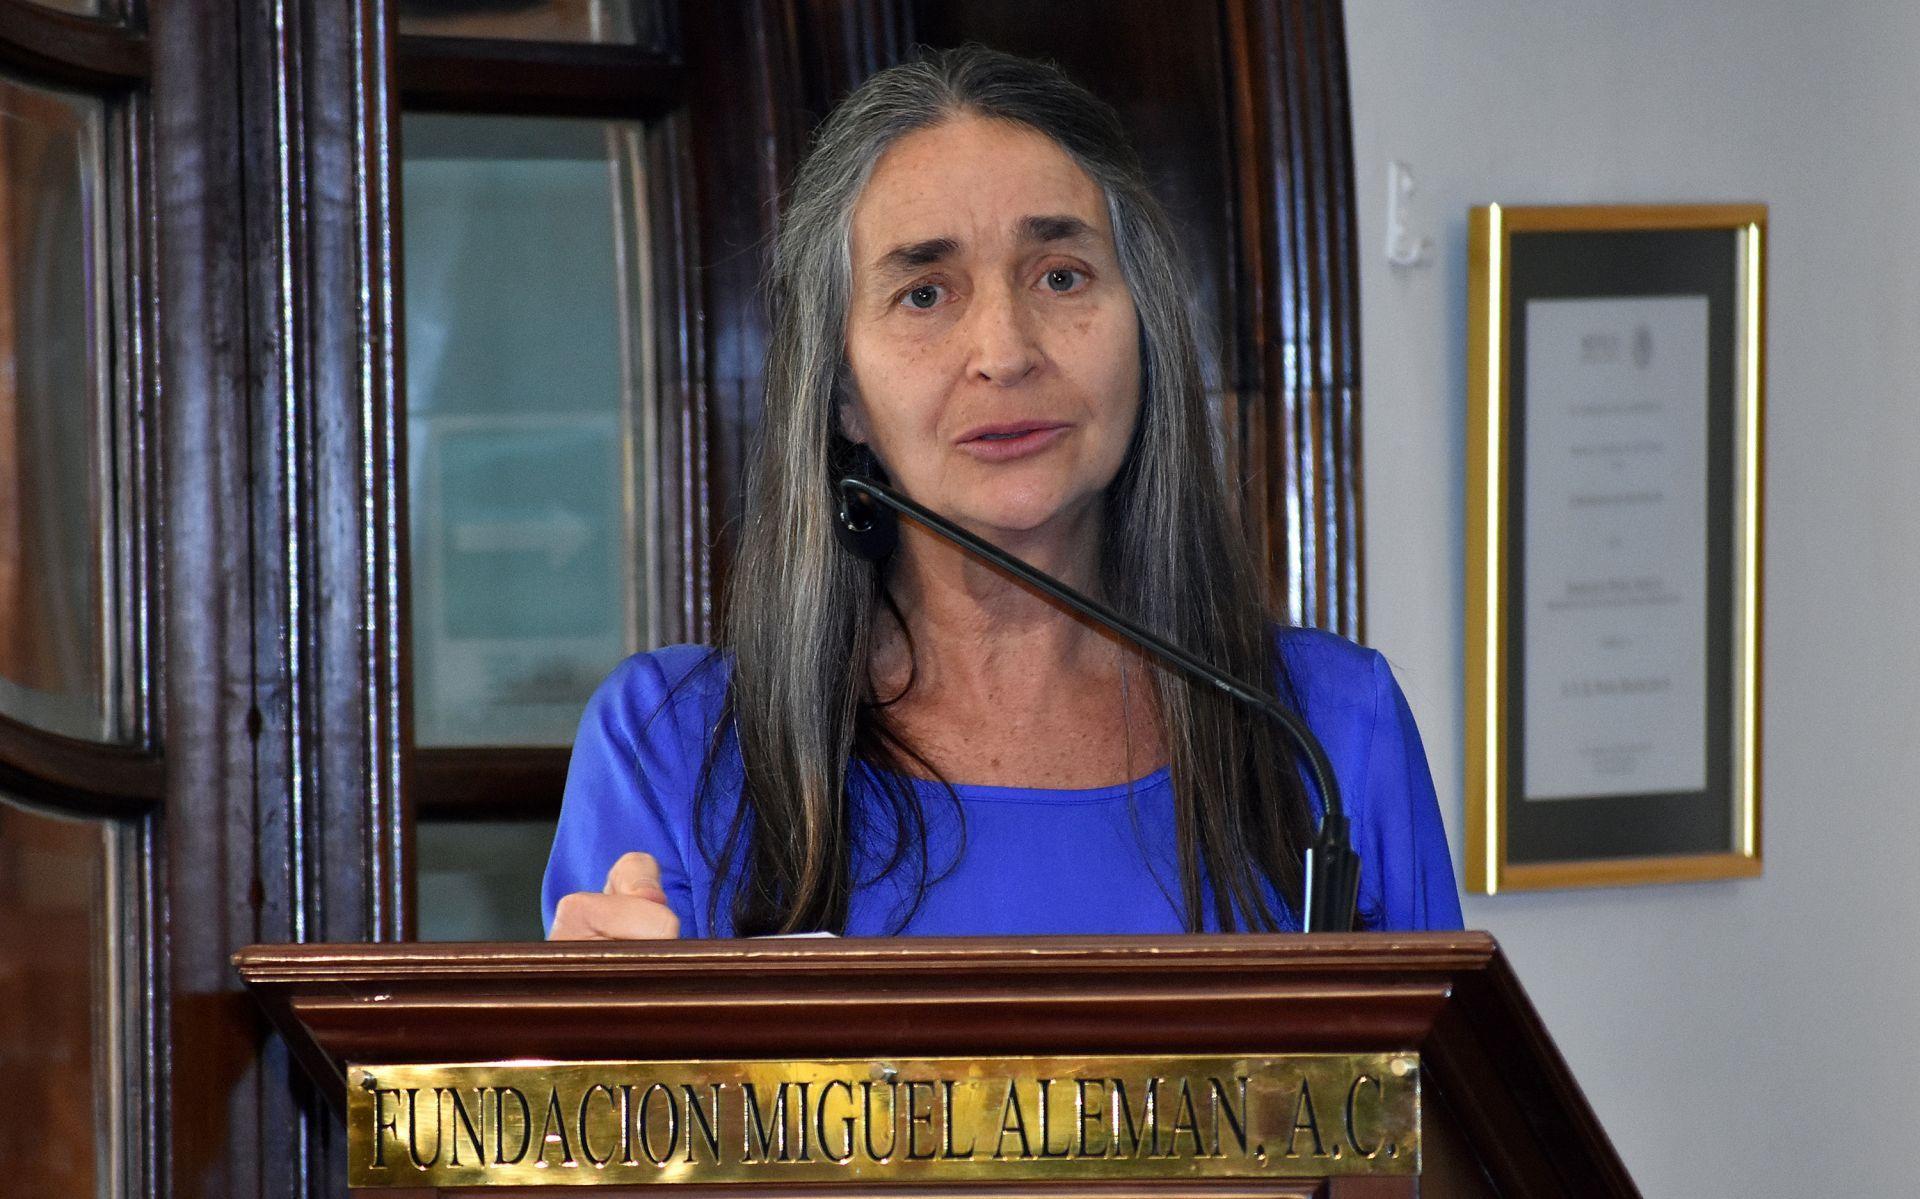 Conservacionista Julia Carabias